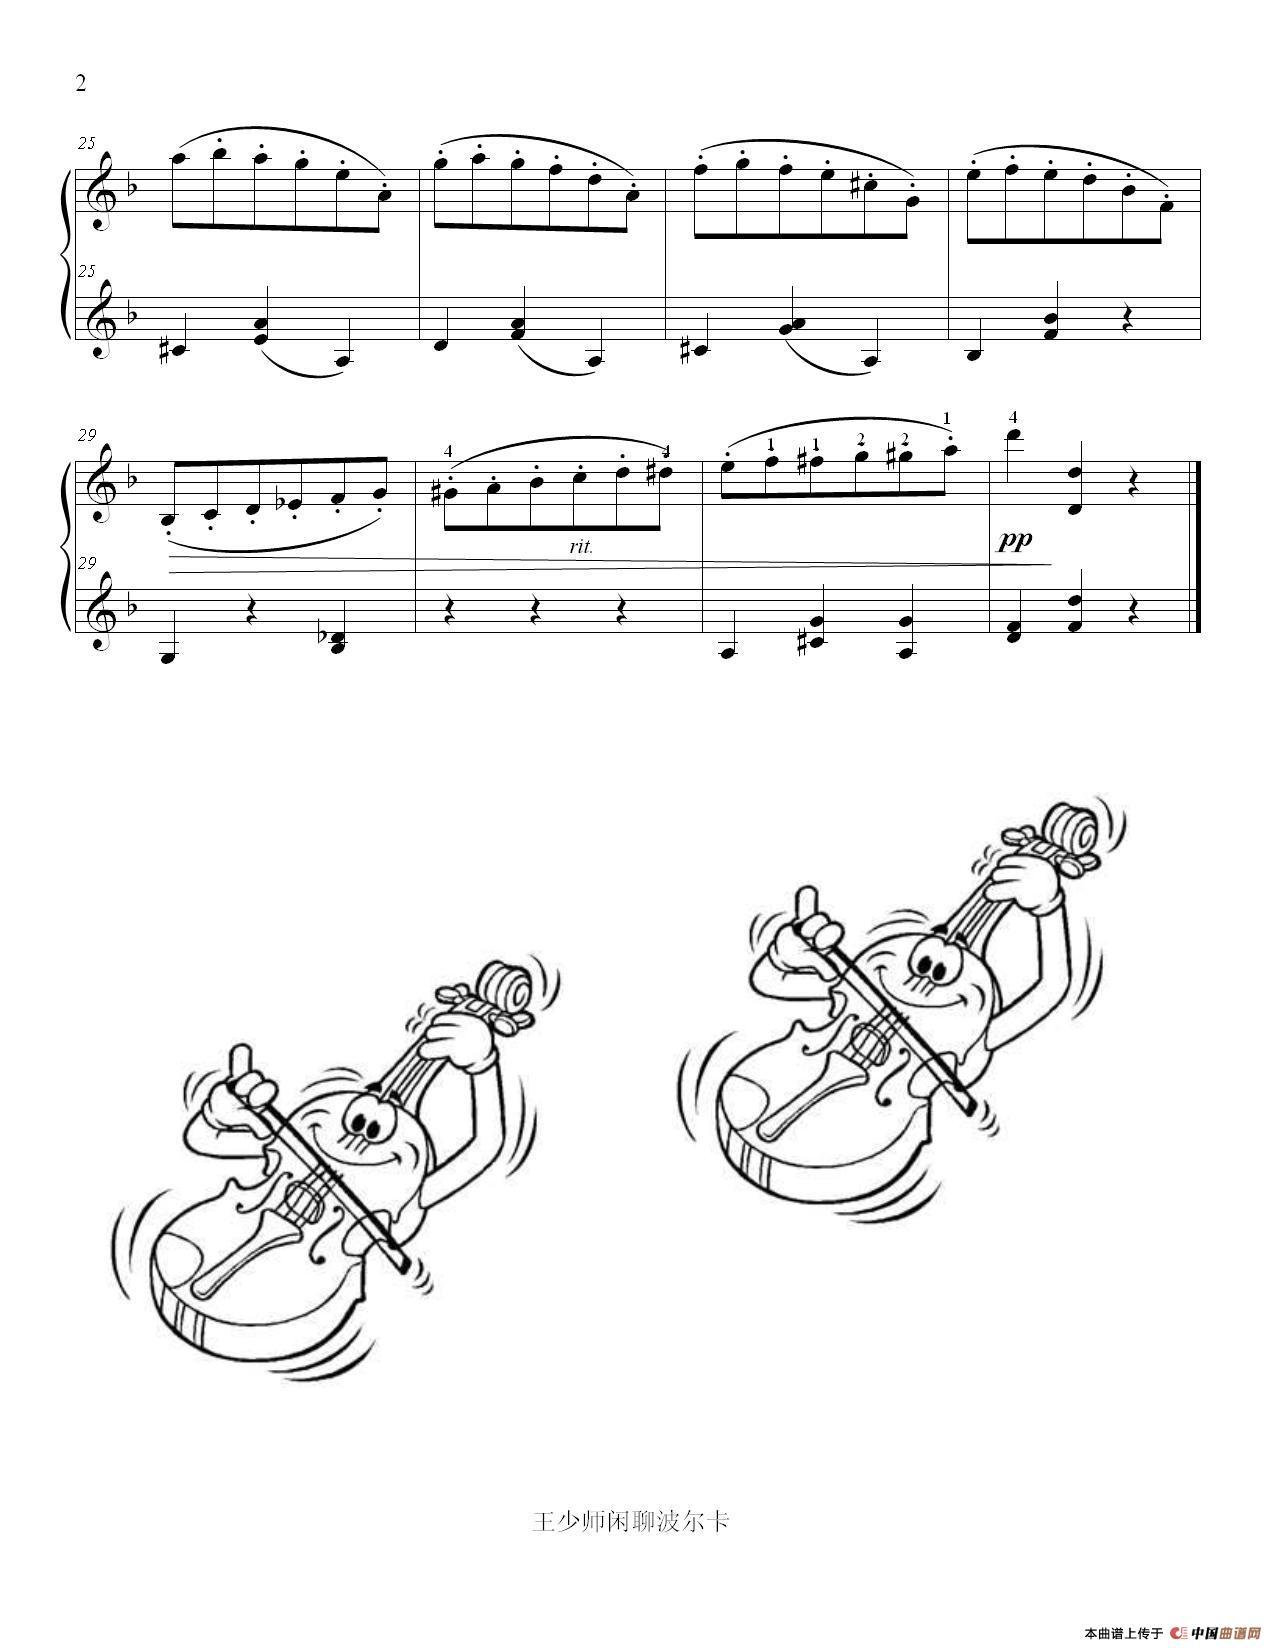 肖邦圆舞曲_小提琴谱_用户传谱